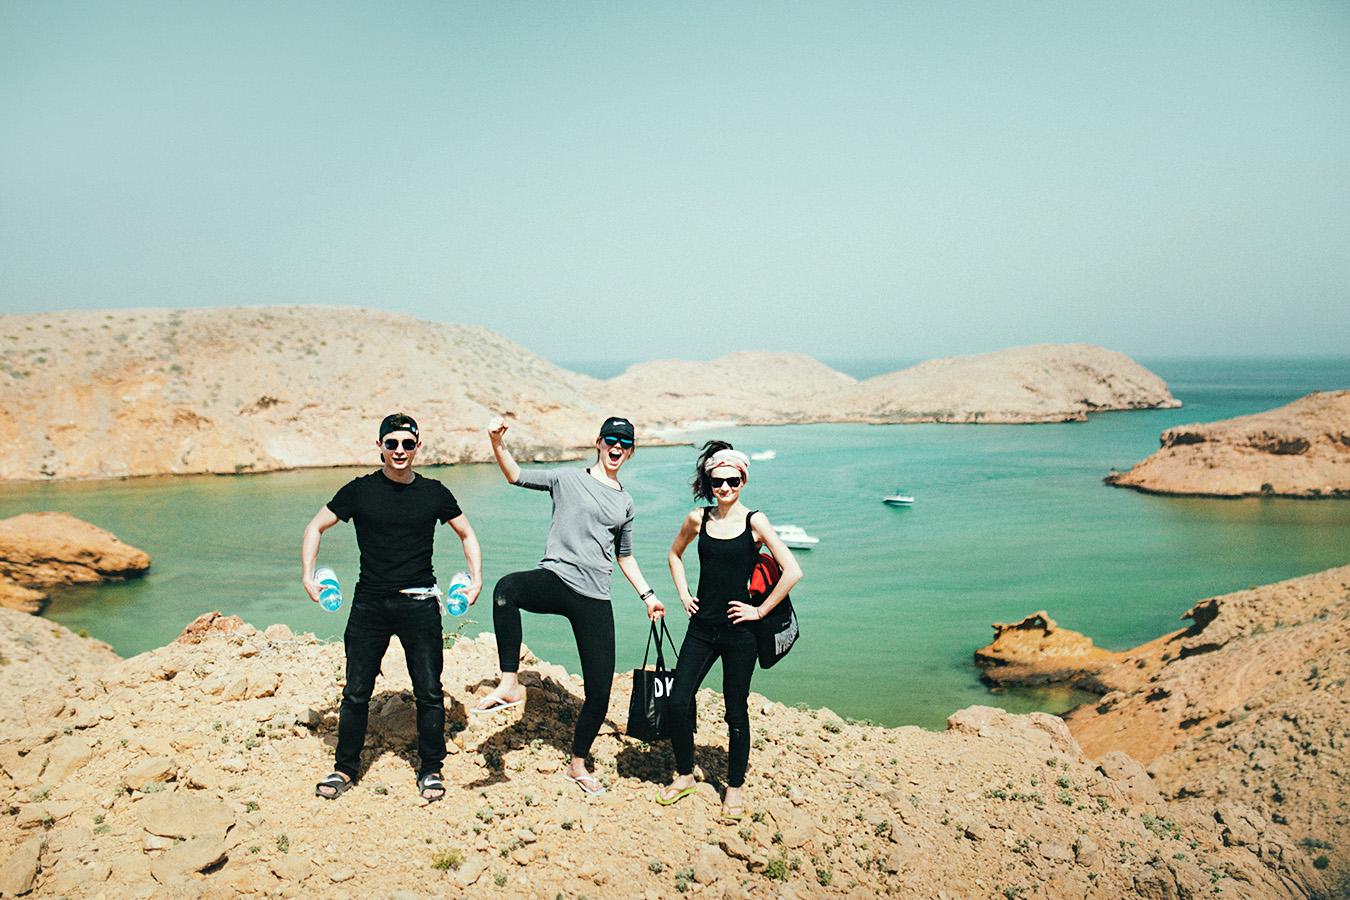 Bandar Al Khairan, Oman, trekking w klapkach na ukrytą zatoczkę